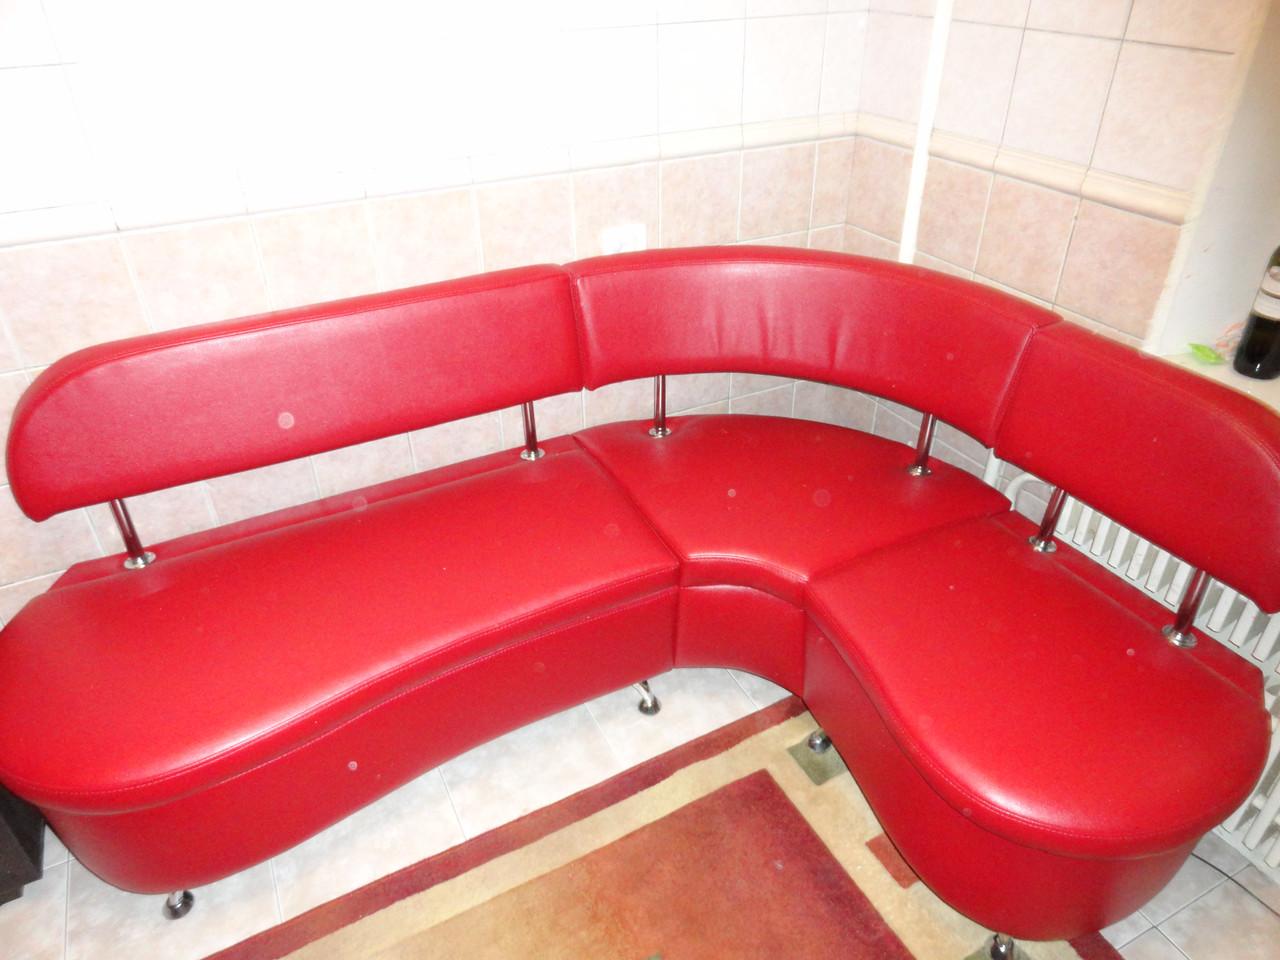 Перетяжка углового диванчика для офиса, клиники, рецепции, кафе. Перетяжка мягкой мебели Днепр.